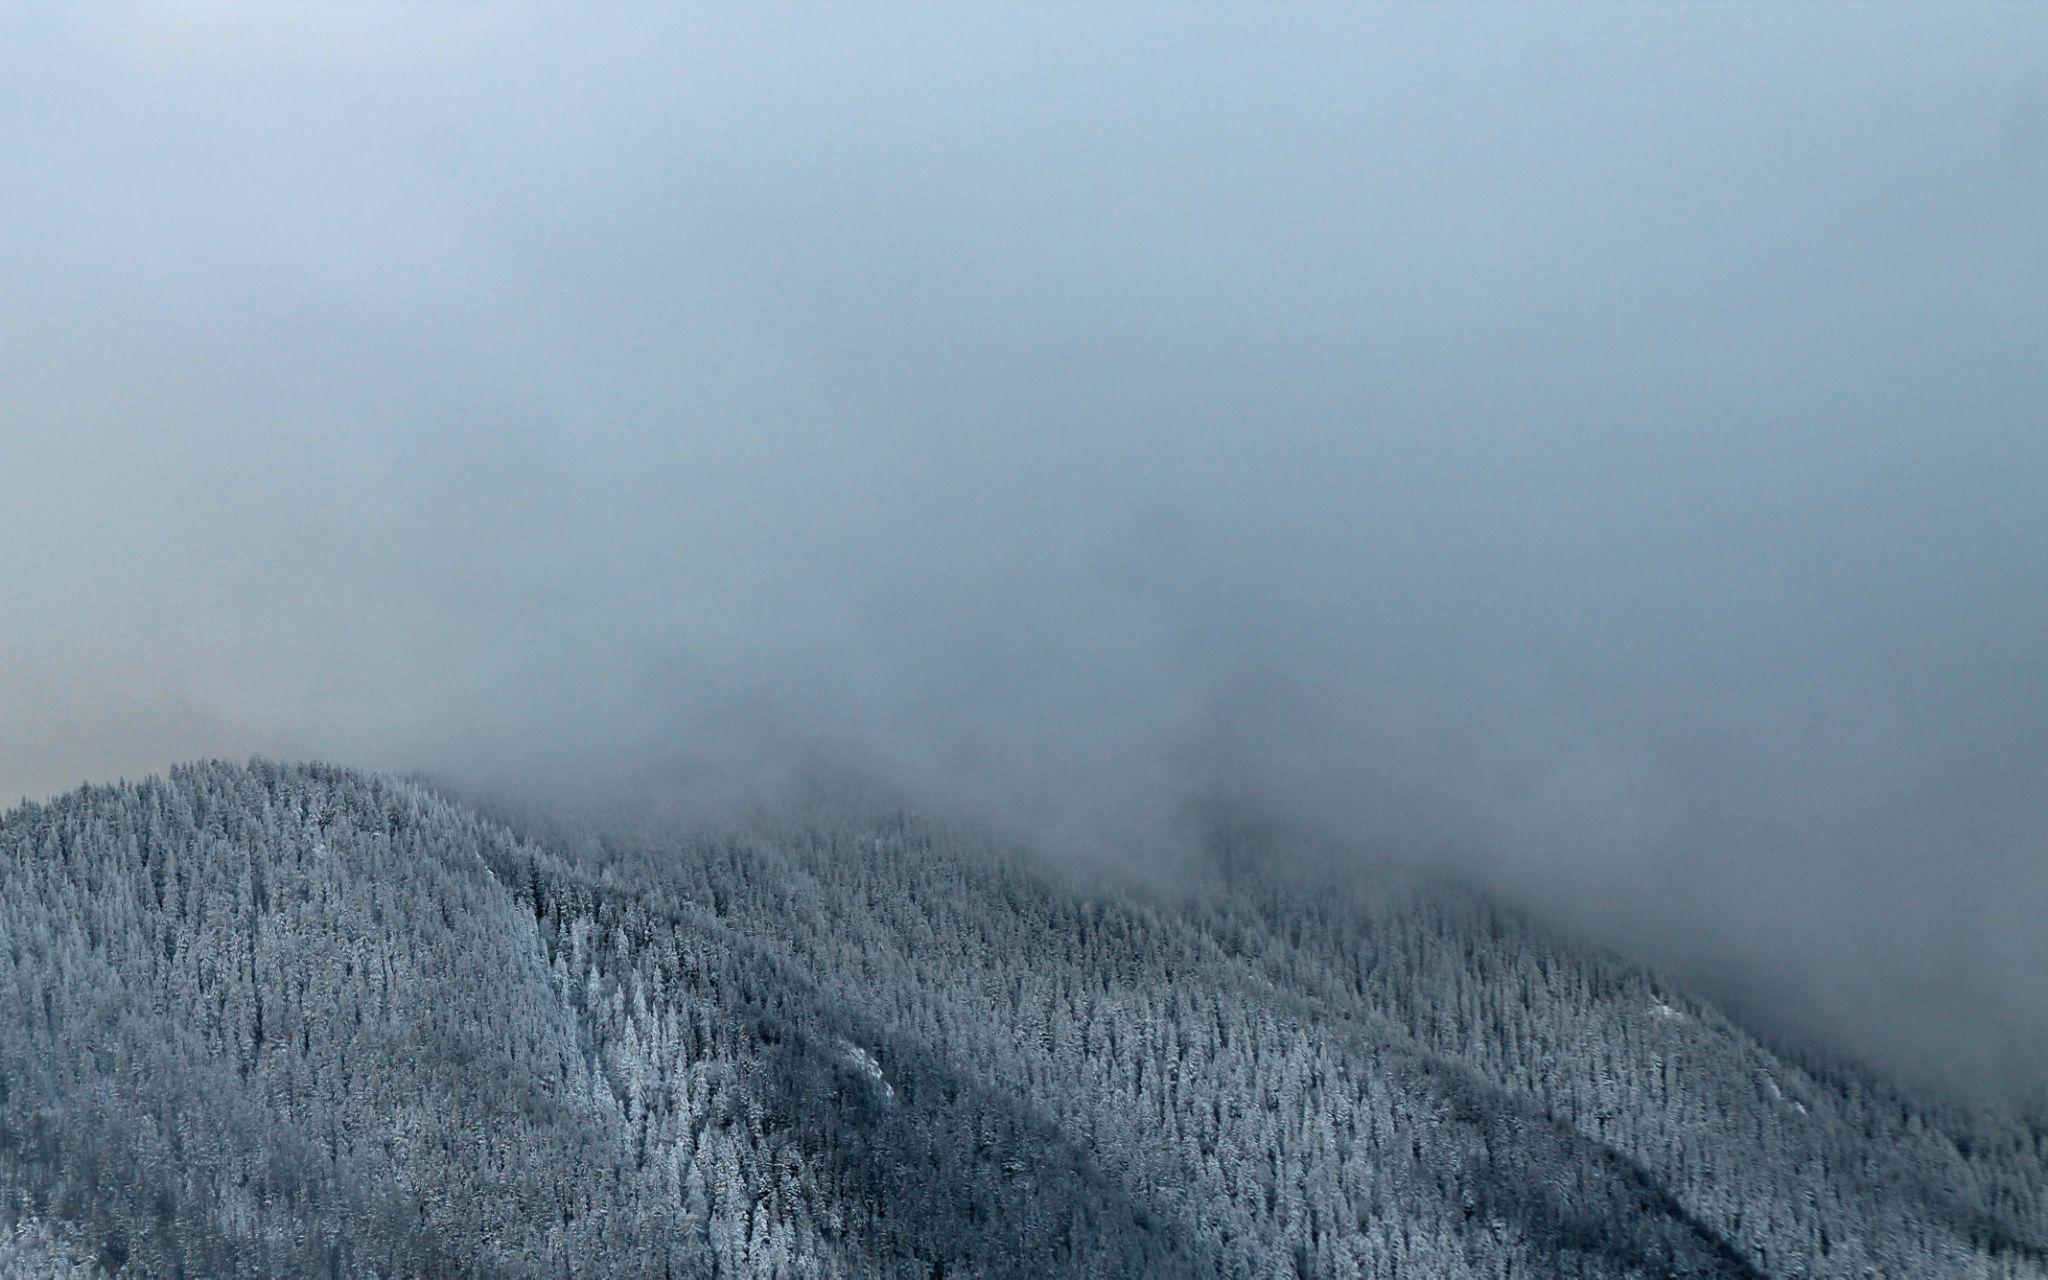 Foggy Peaks by gabi.striblea